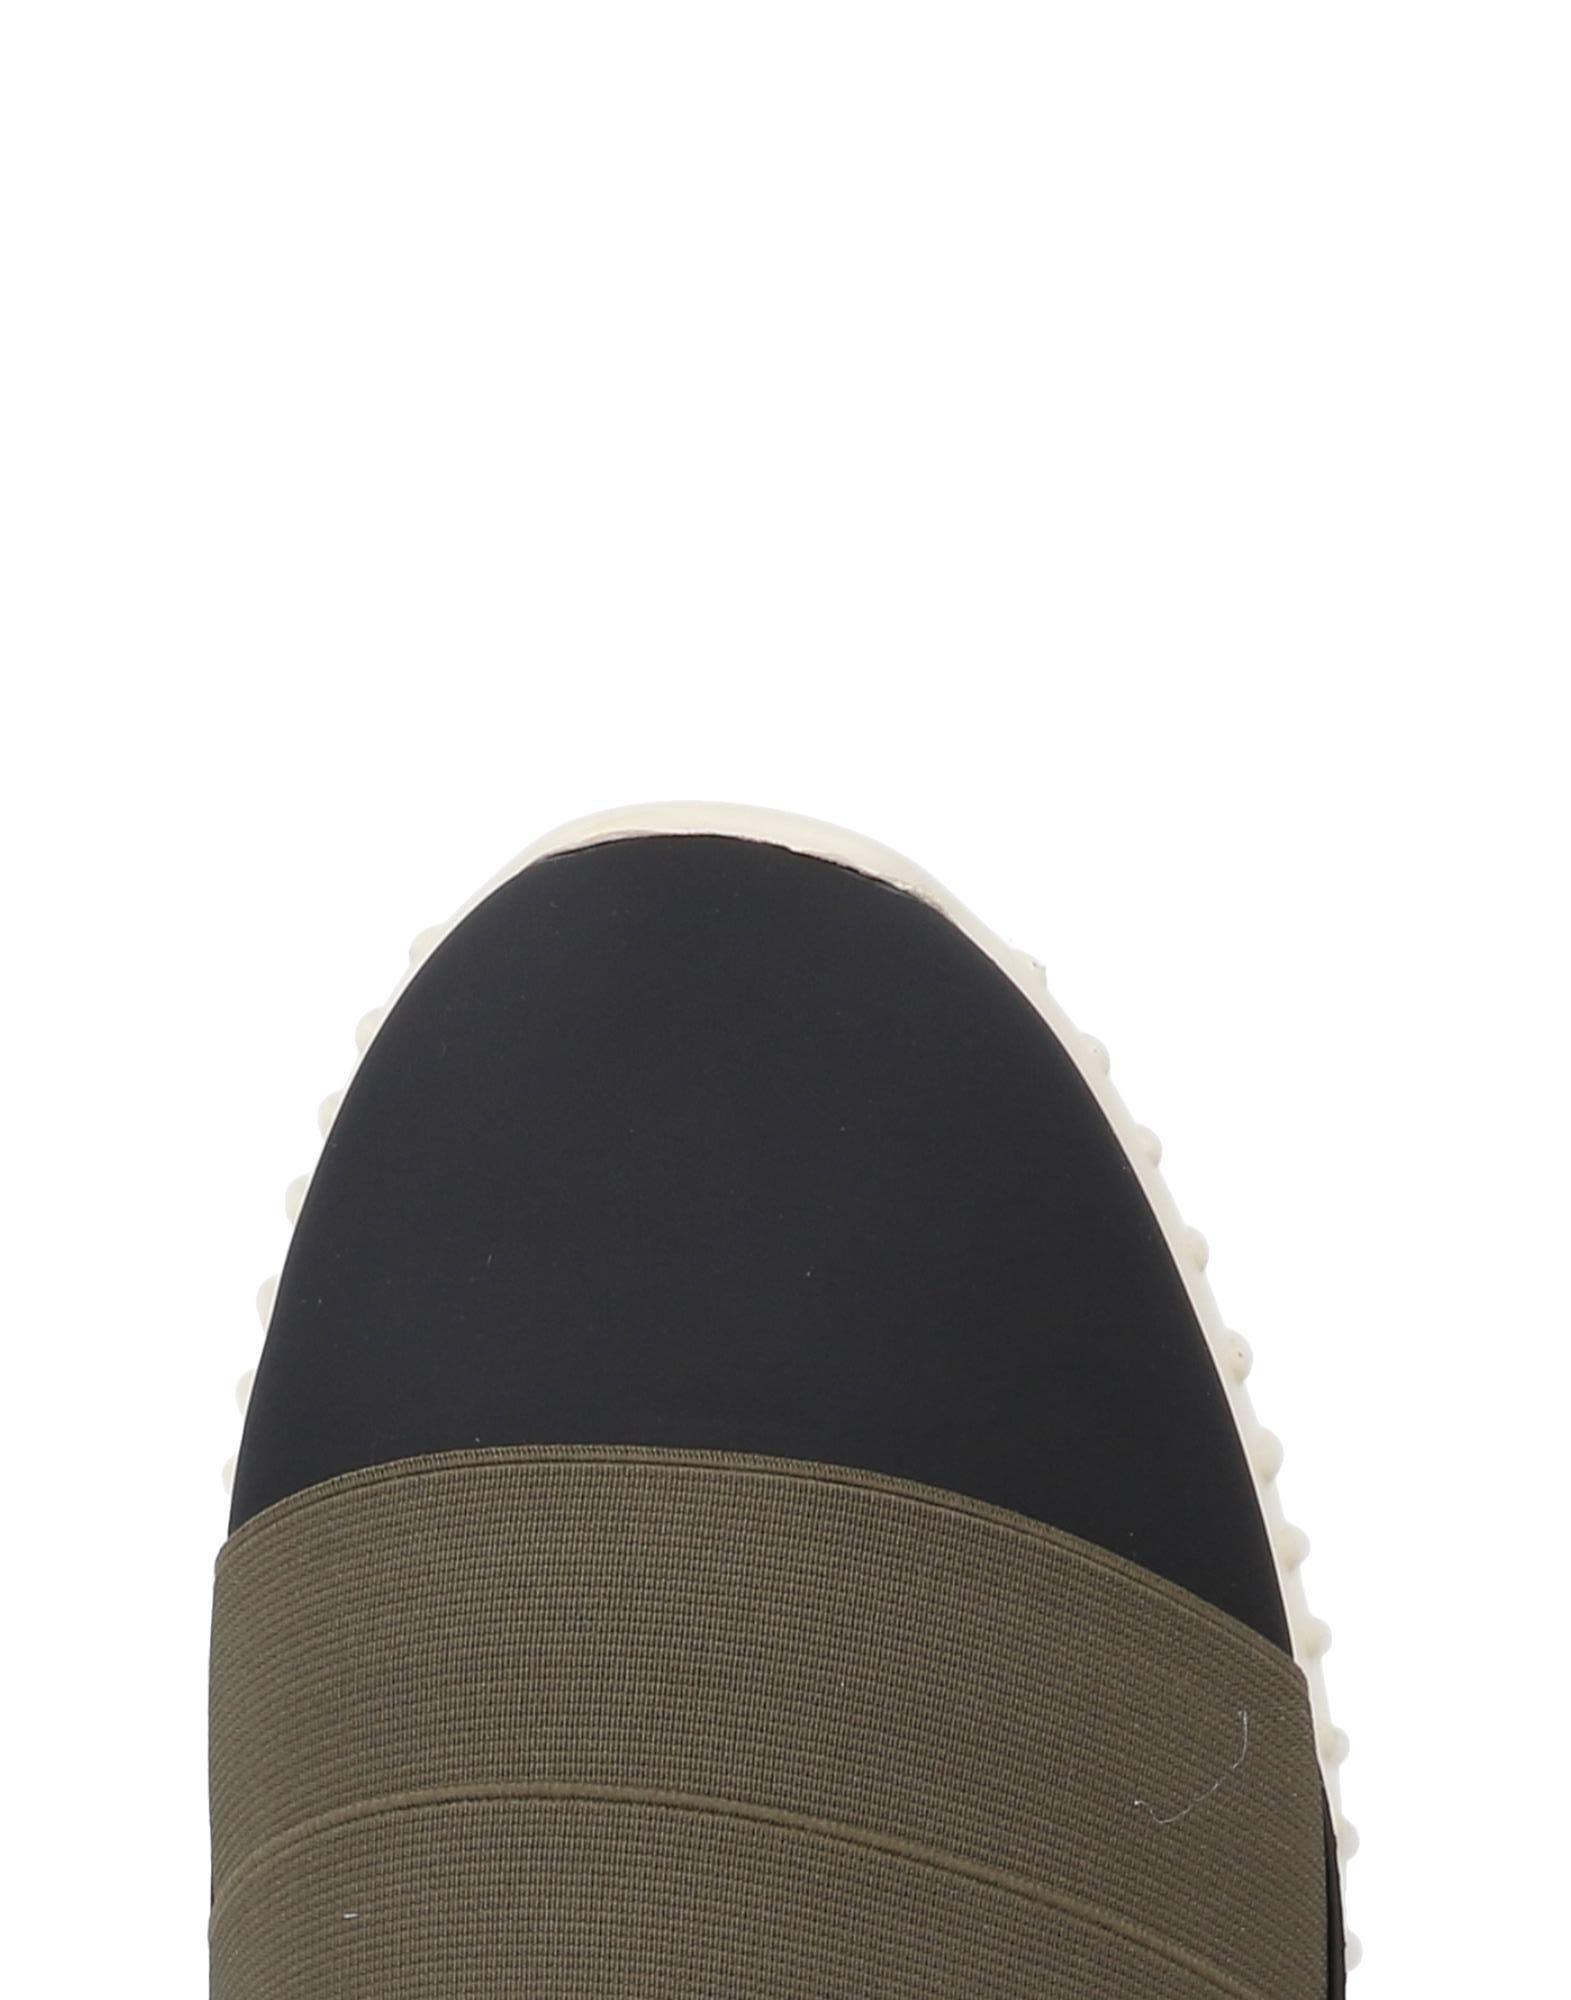 Fessura Sneakers Sneakers Fessura Herren Gutes Preis-Leistungs-Verhältnis, es lohnt sich af274d